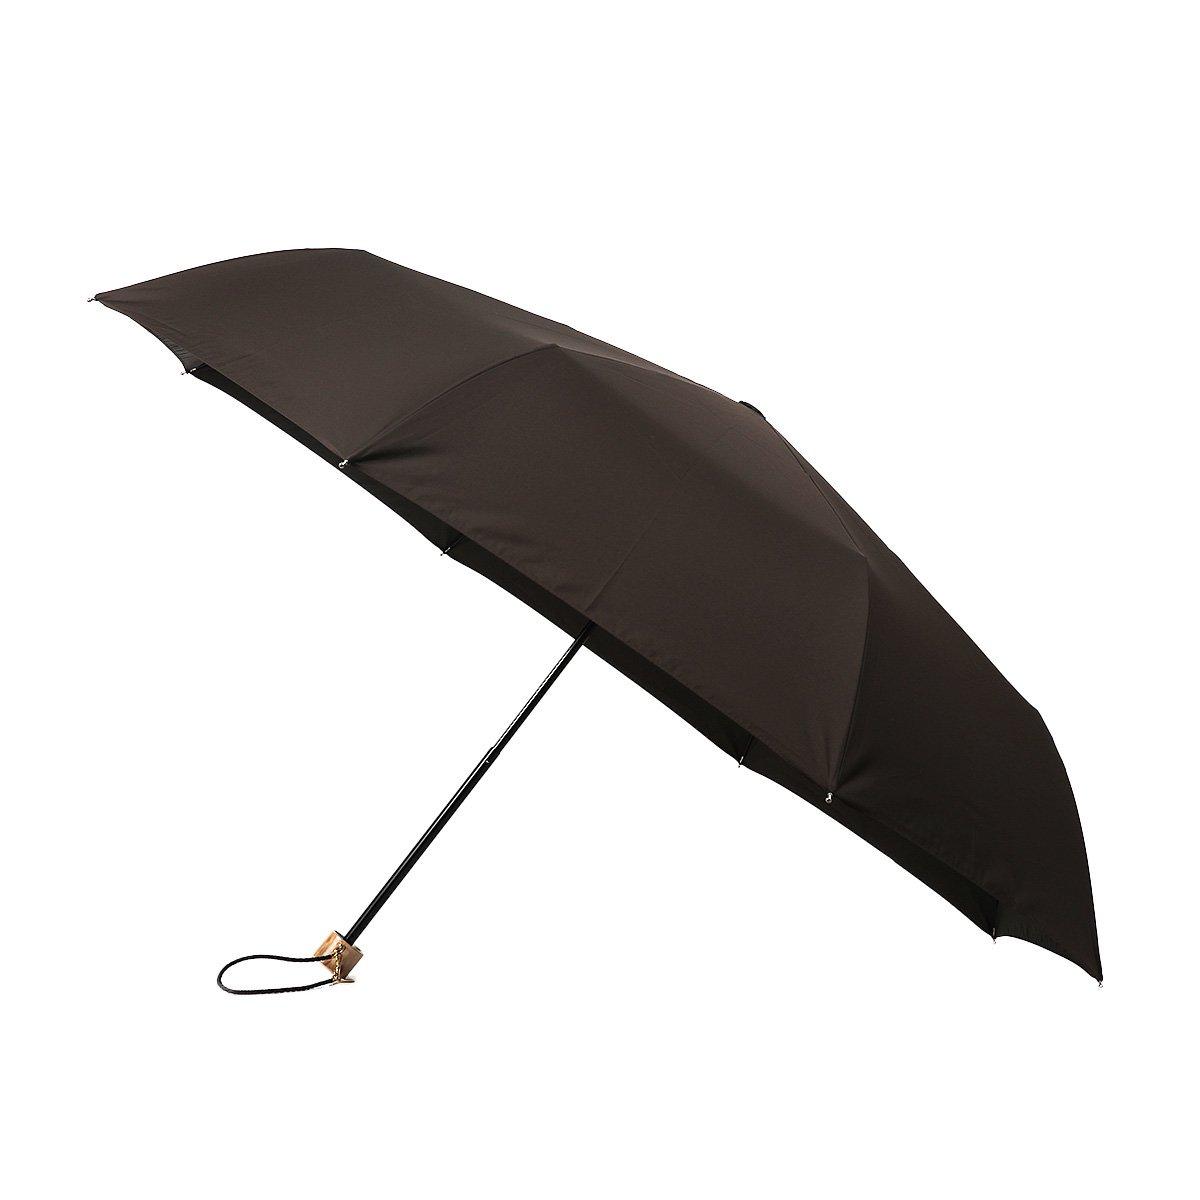 【公式限定】強力撥水 レインドロップ レクタス 耐風骨 レディース 折りたたみ傘 詳細画像8